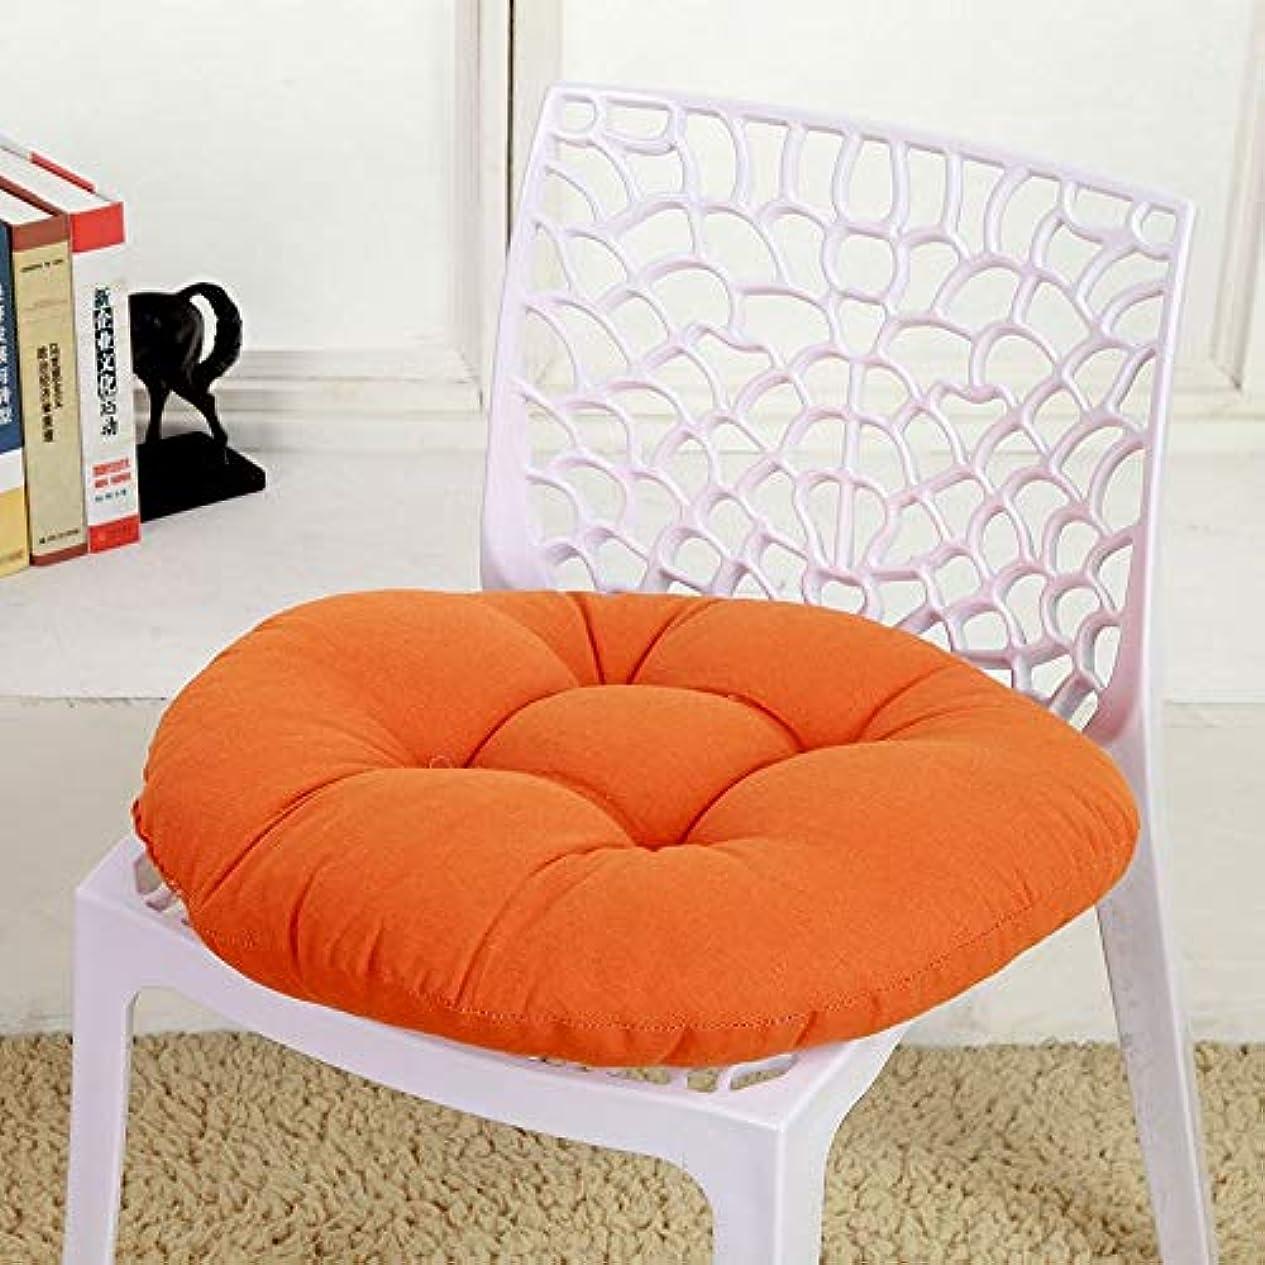 頭痛半導体強化するLIFE キャンディカラーのクッションラウンドシートクッション波ウィンドウシートクッションクッション家の装飾パッドラウンド枕シート枕椅子座る枕 クッション 椅子